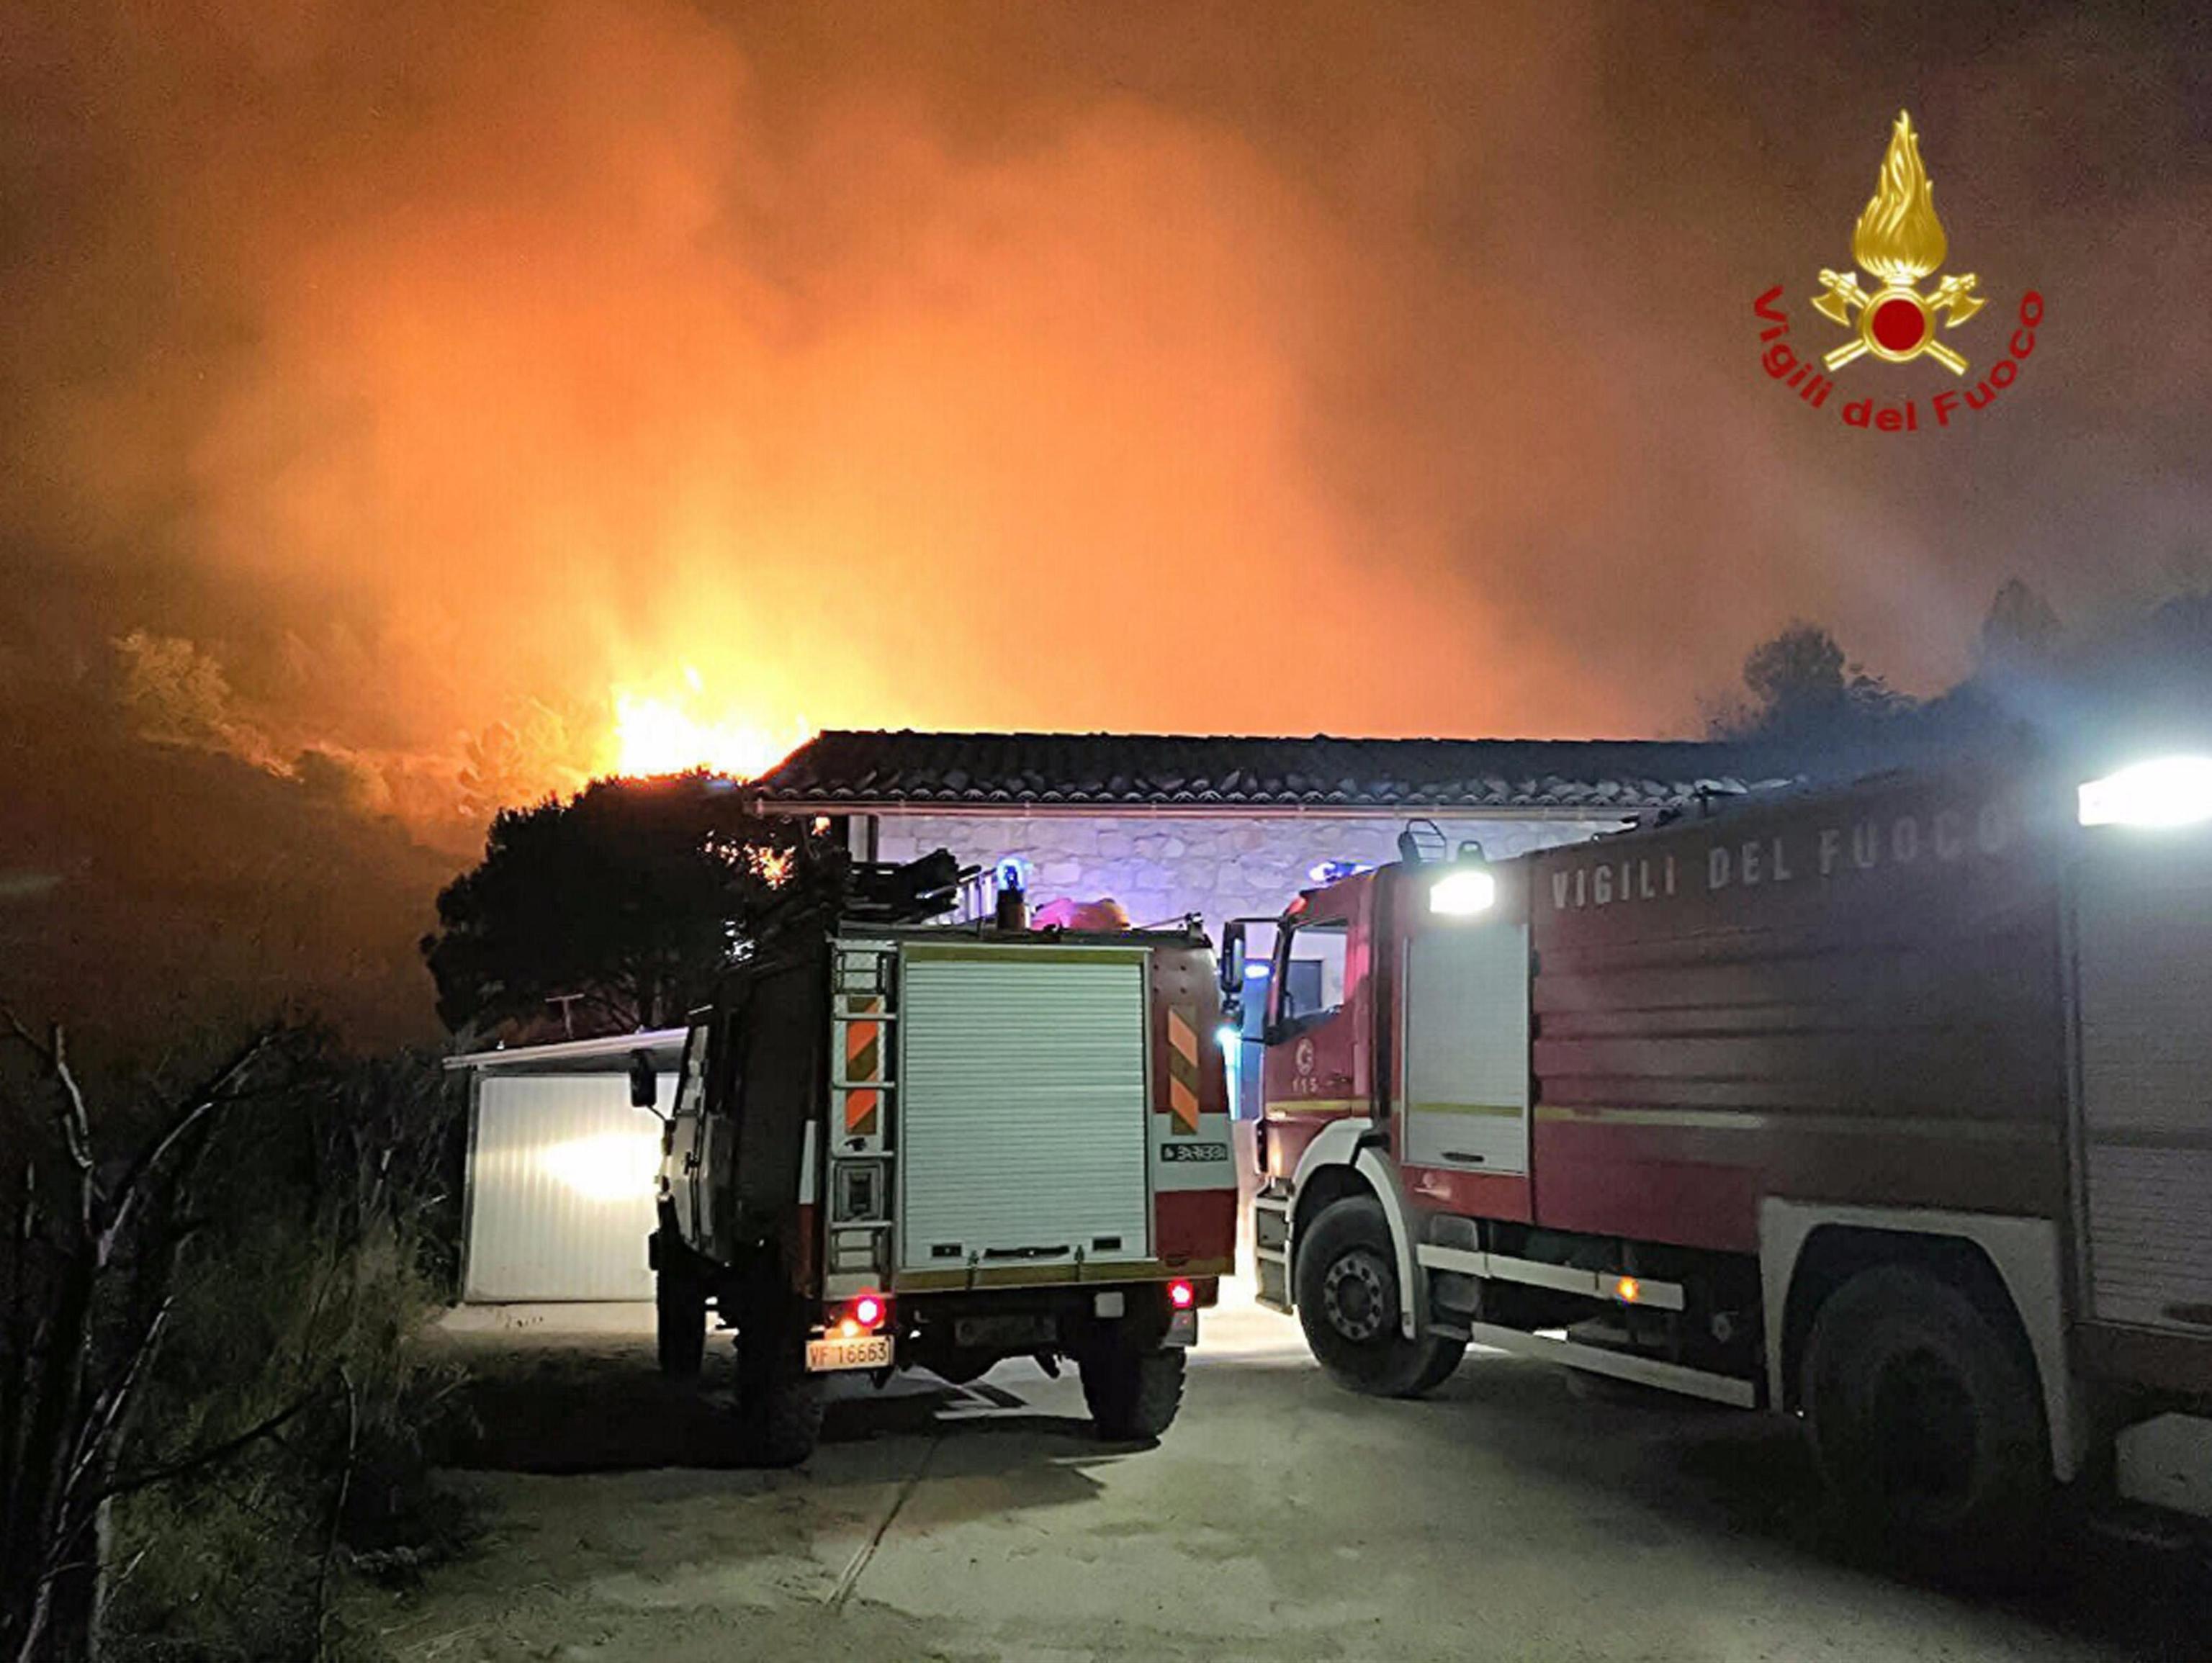 Ragusa, vigili del fuoco piromani: appiccavano fuoco per soldi ora indagati